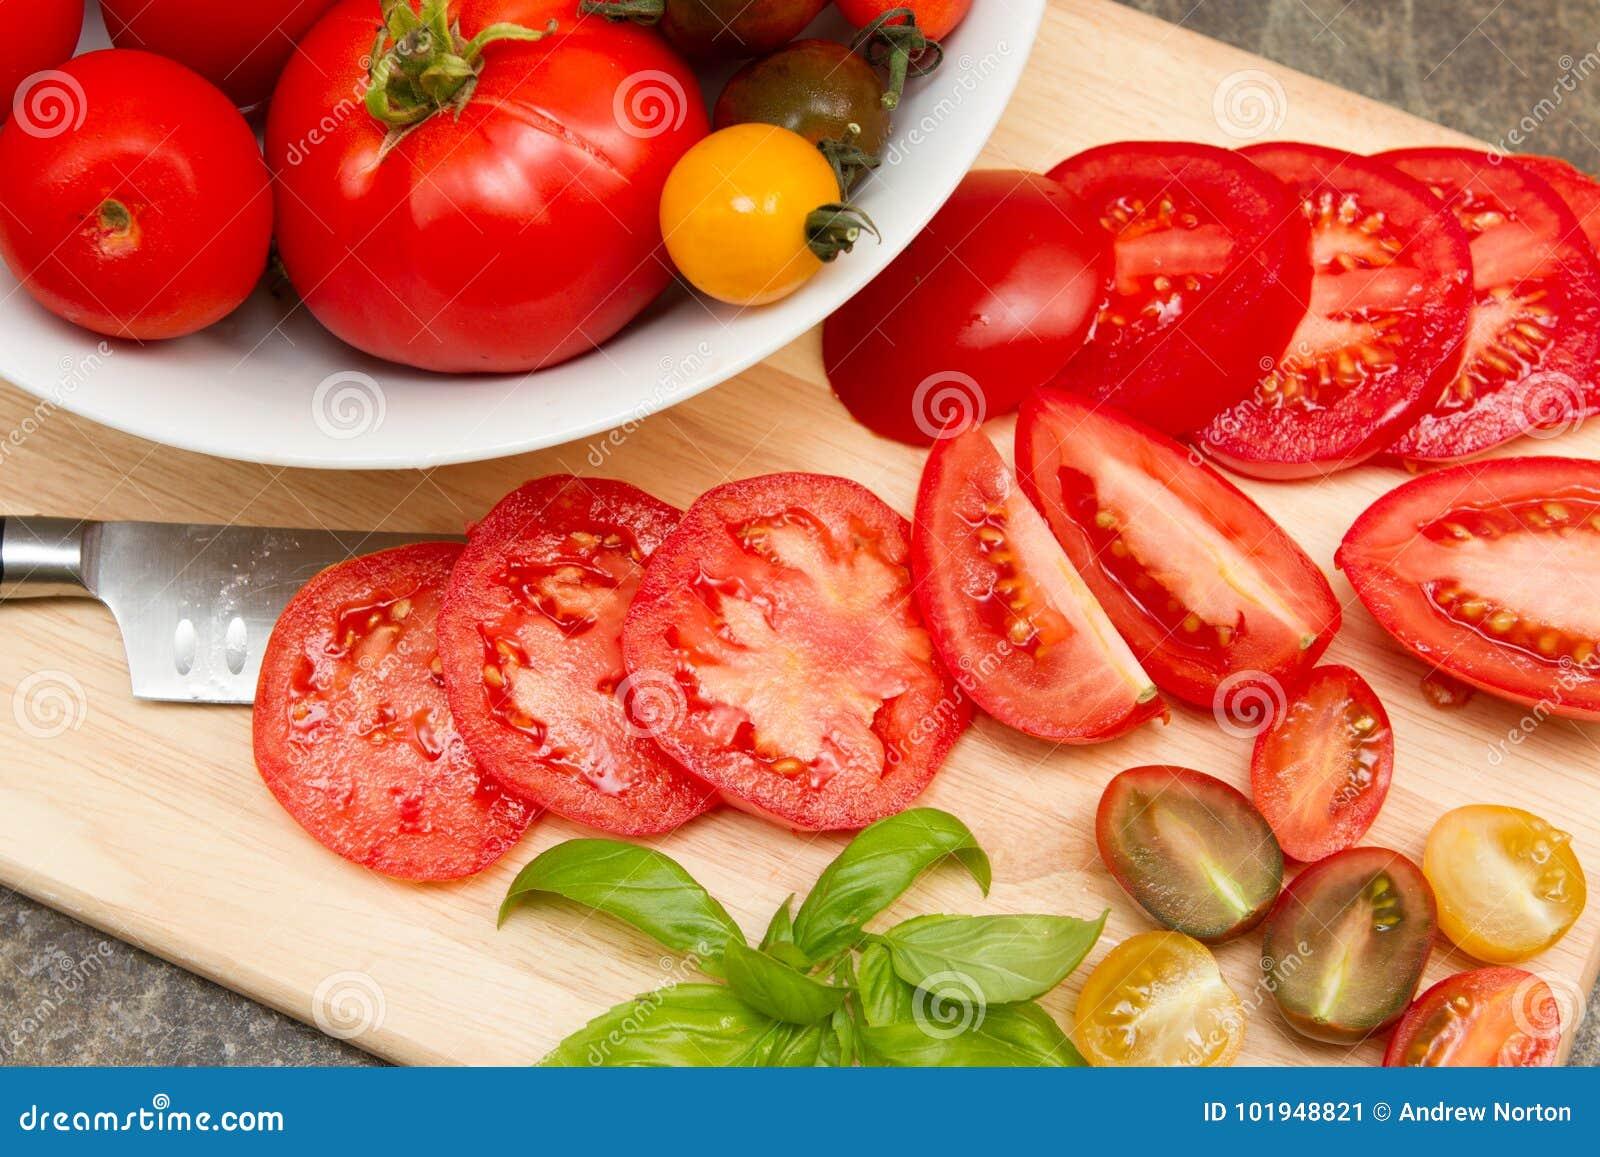 Tomatoe наследия